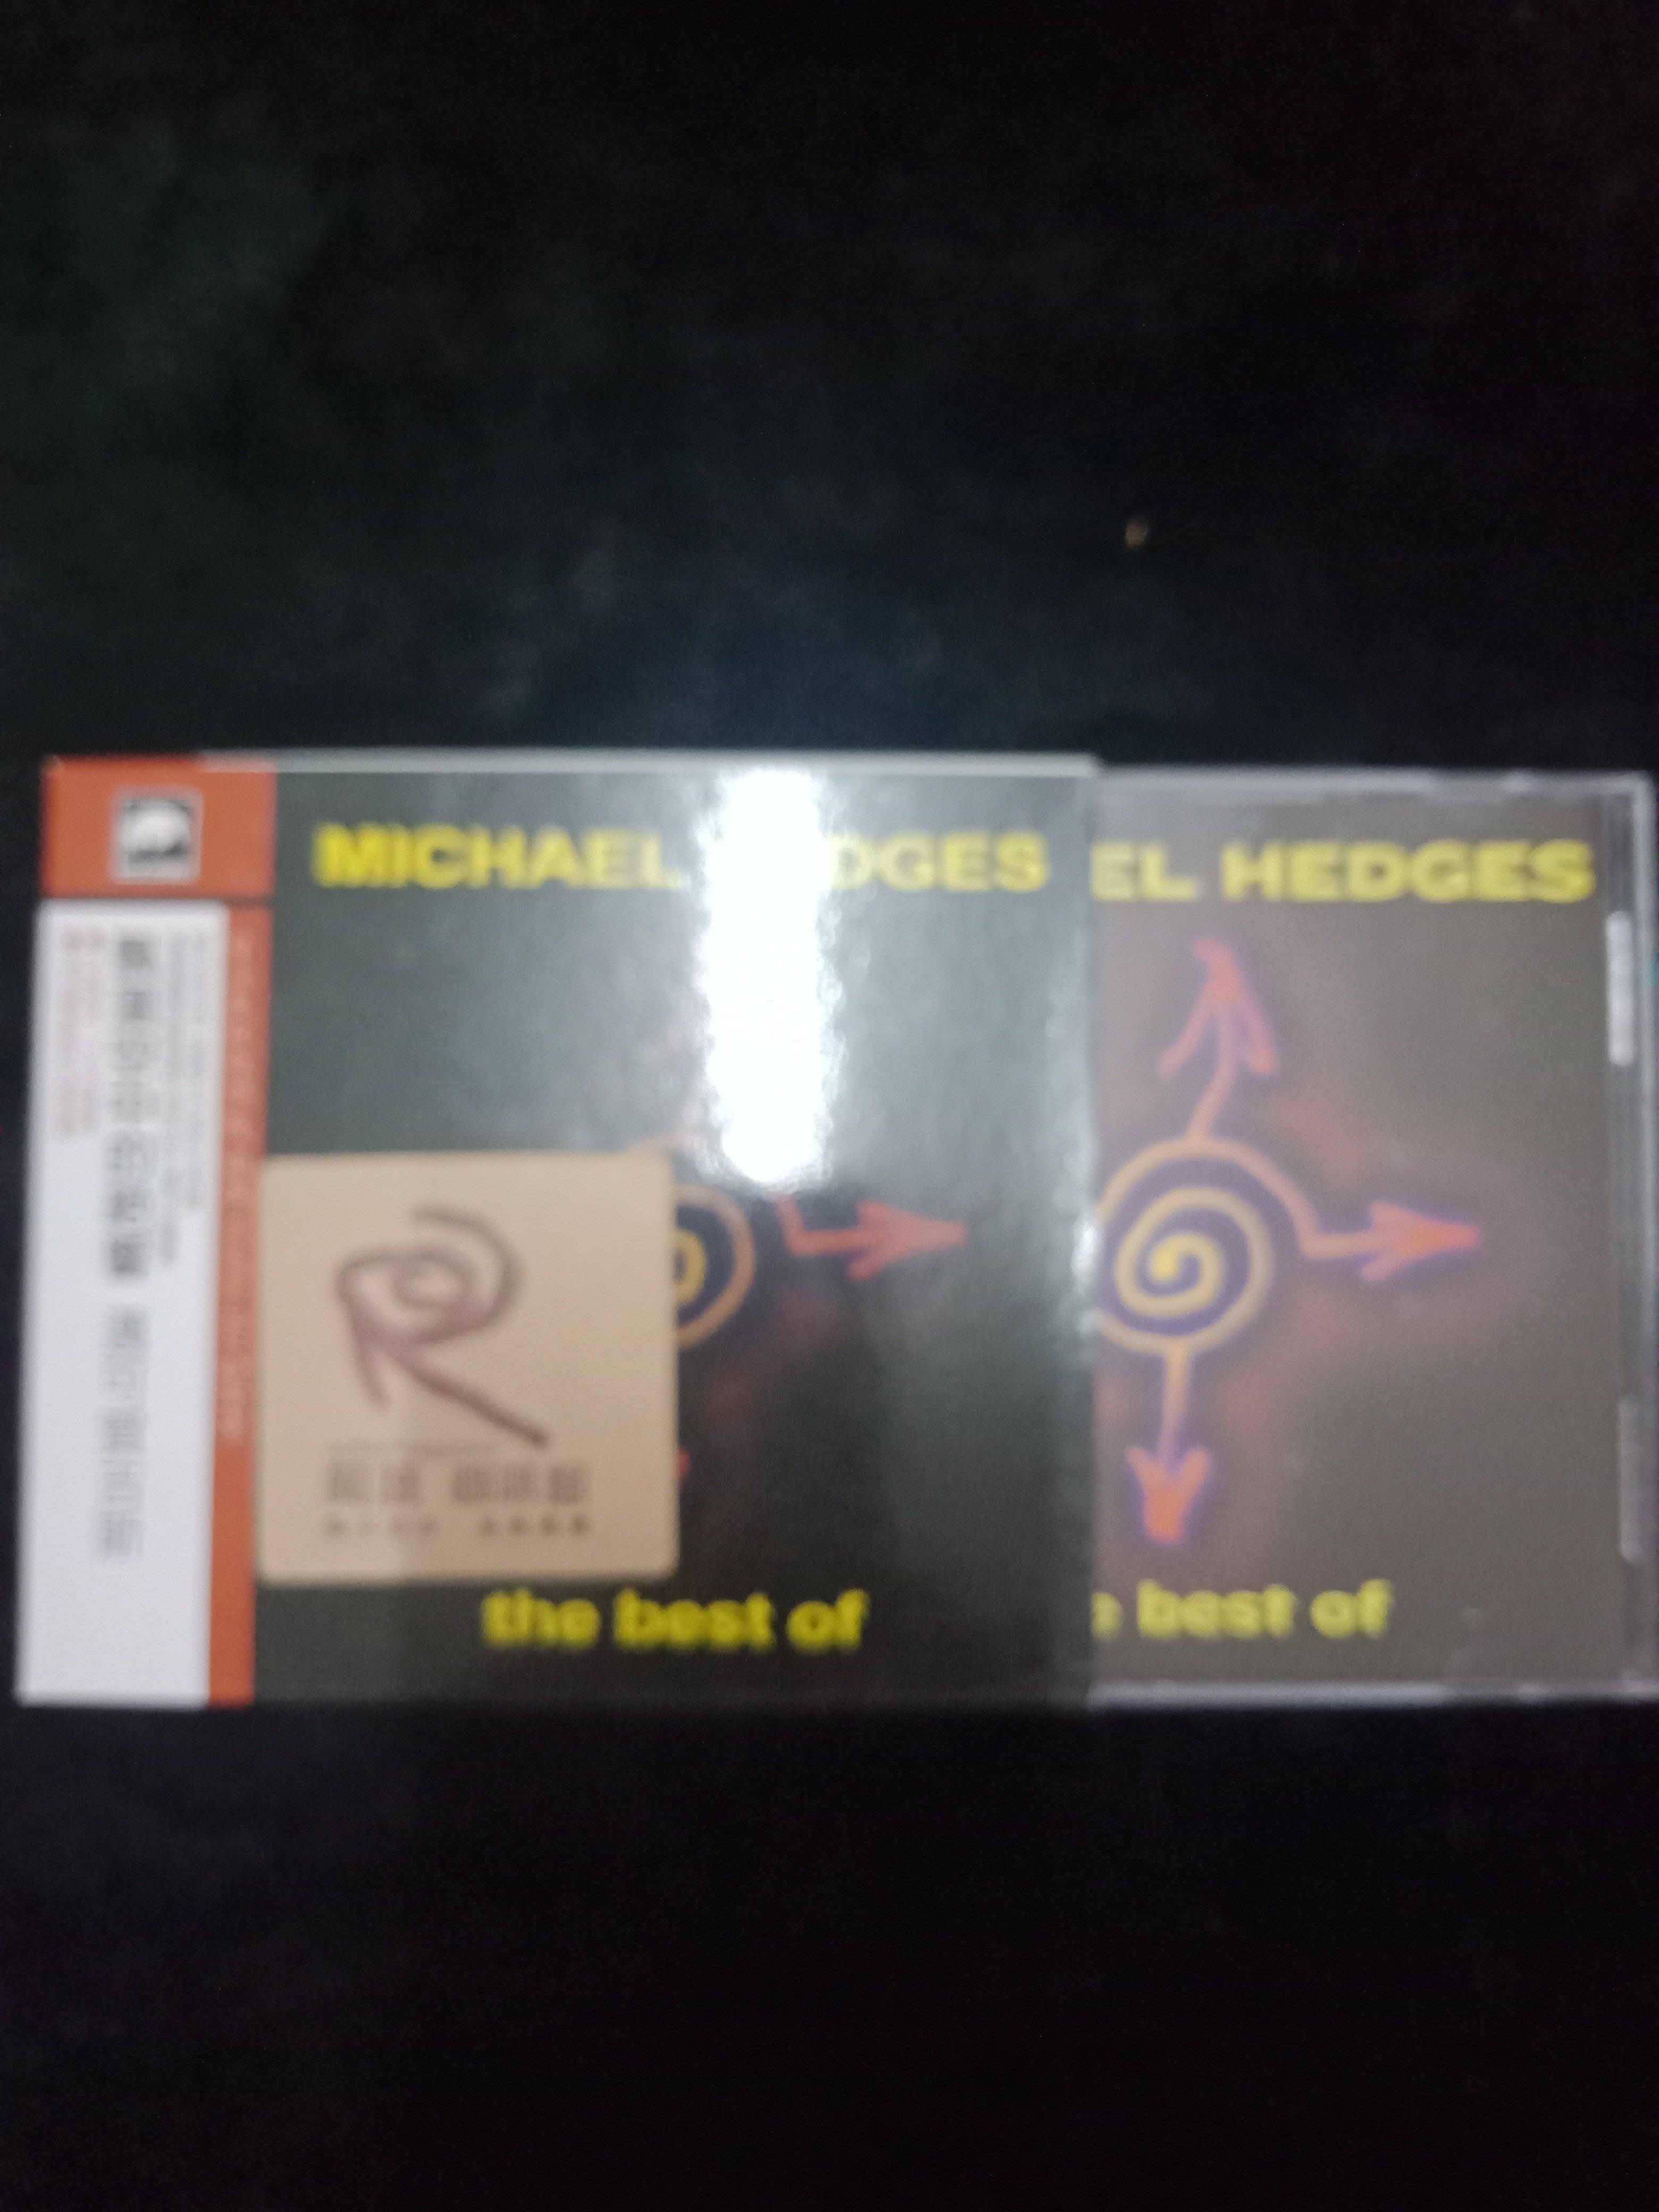 美國指彈吉他大師 邁可賀吉斯 Michael Hedges - 飄盪空中的絕響 - 301元起標